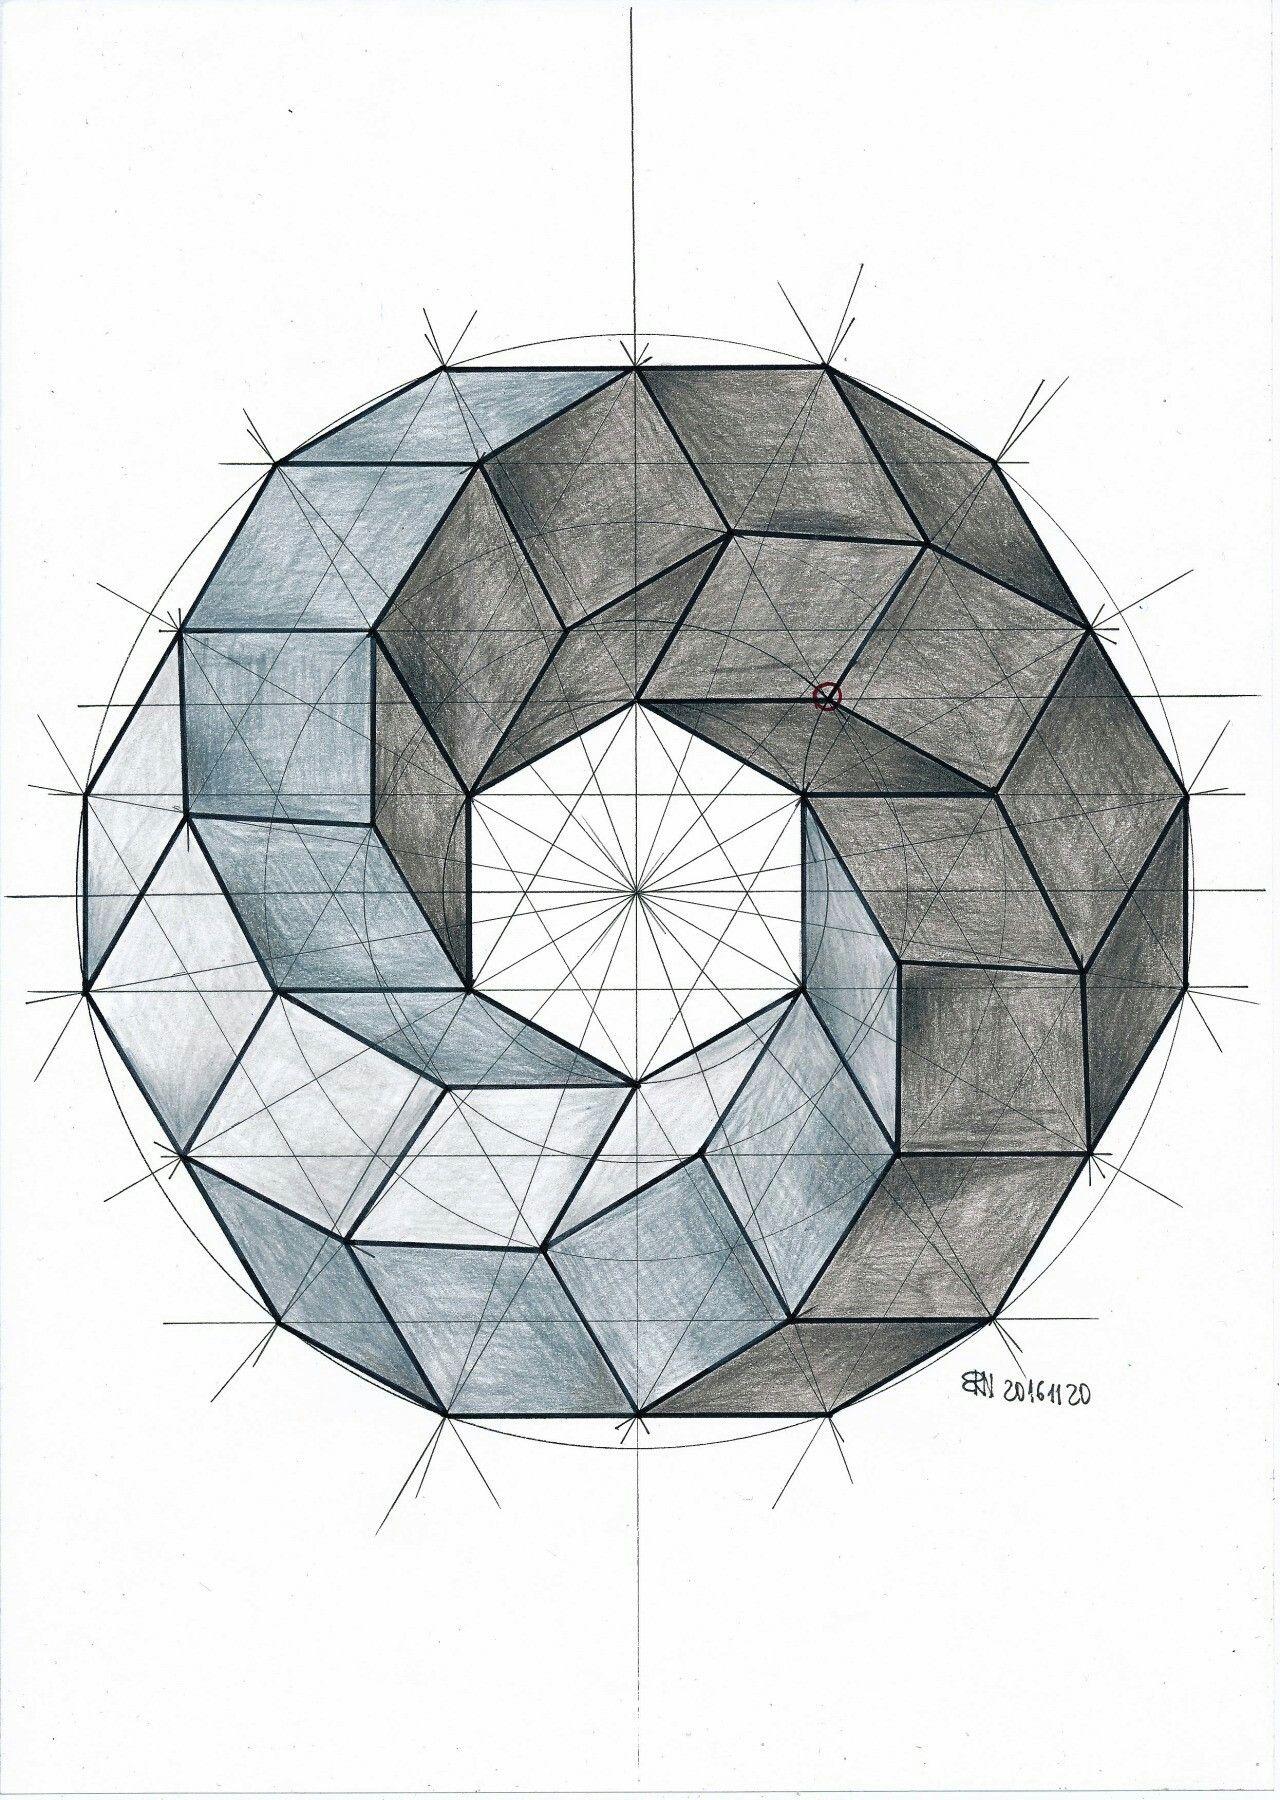 Pin von Eva Koubkova auf 3D | Pinterest | Geometrie, Zeichnen und ...